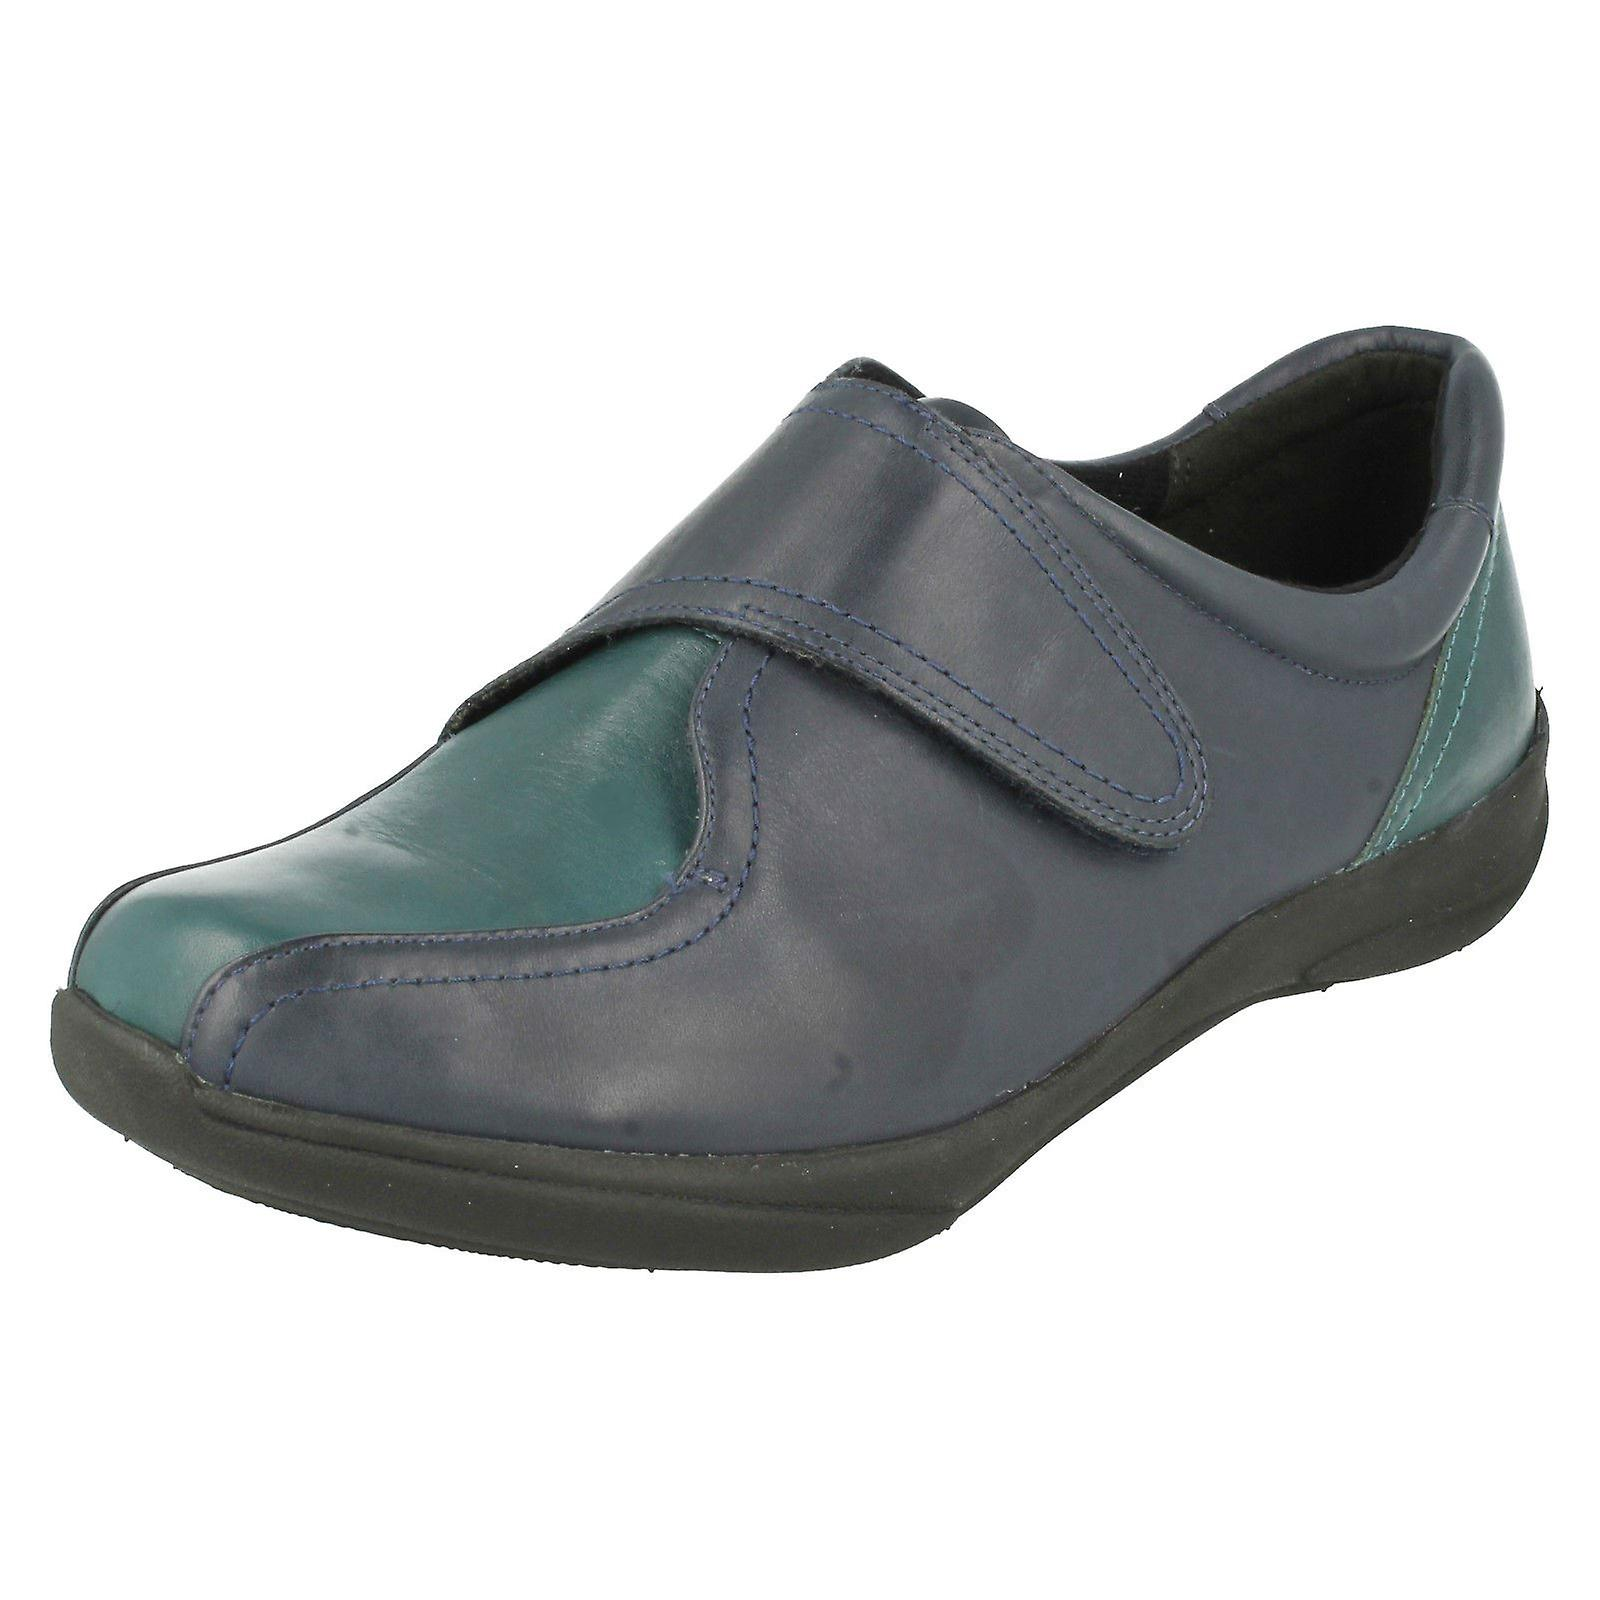 Damen K von Clarks Gurt Befestigung Schuhe Etna Eiche